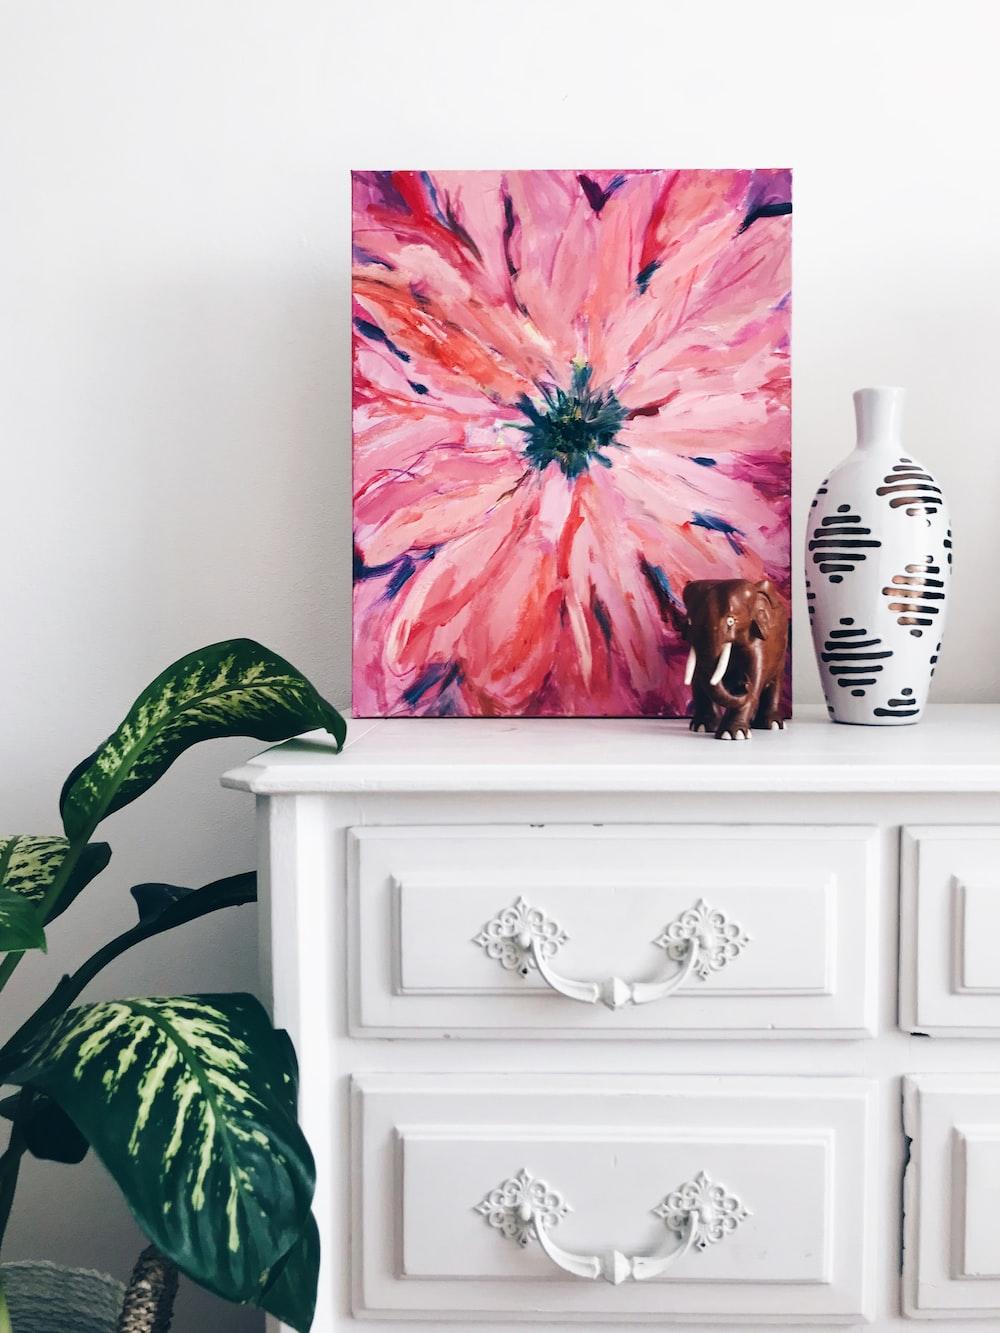 painting of pink flower on dresser near white vase